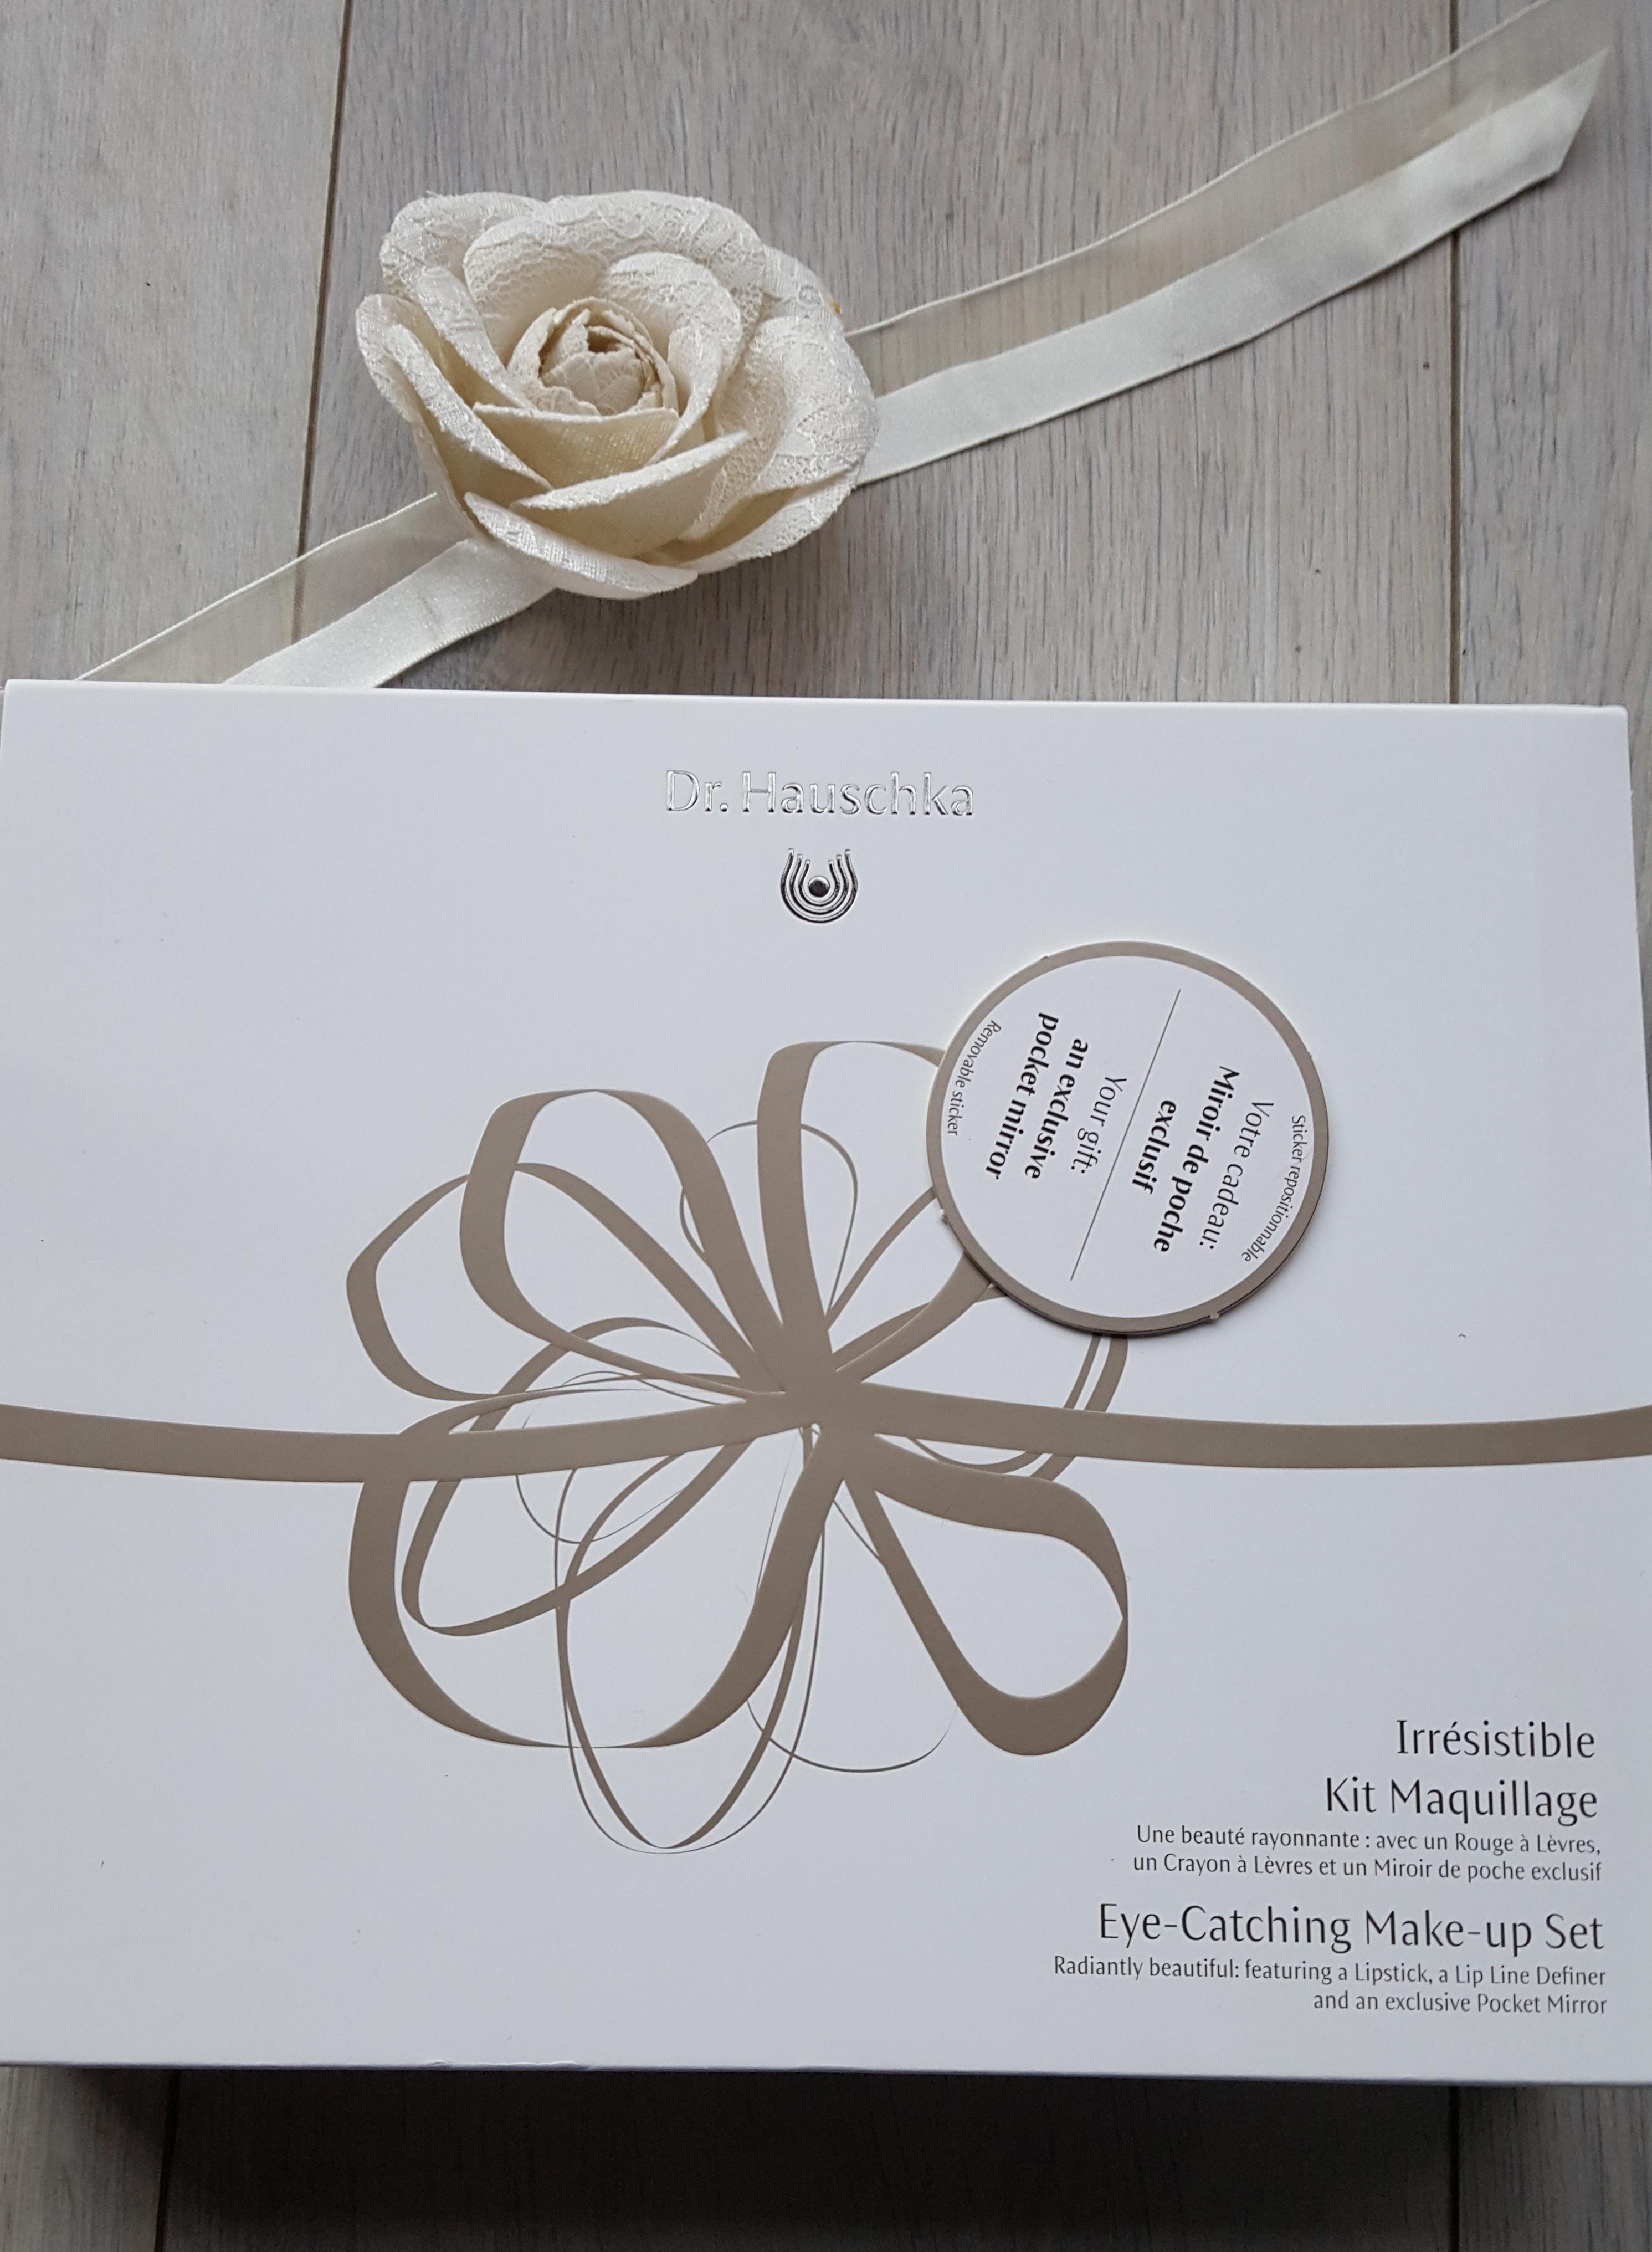 kit-maquillage-irresistible-drhauschka-bullesdetestschezflorette-3.jpg